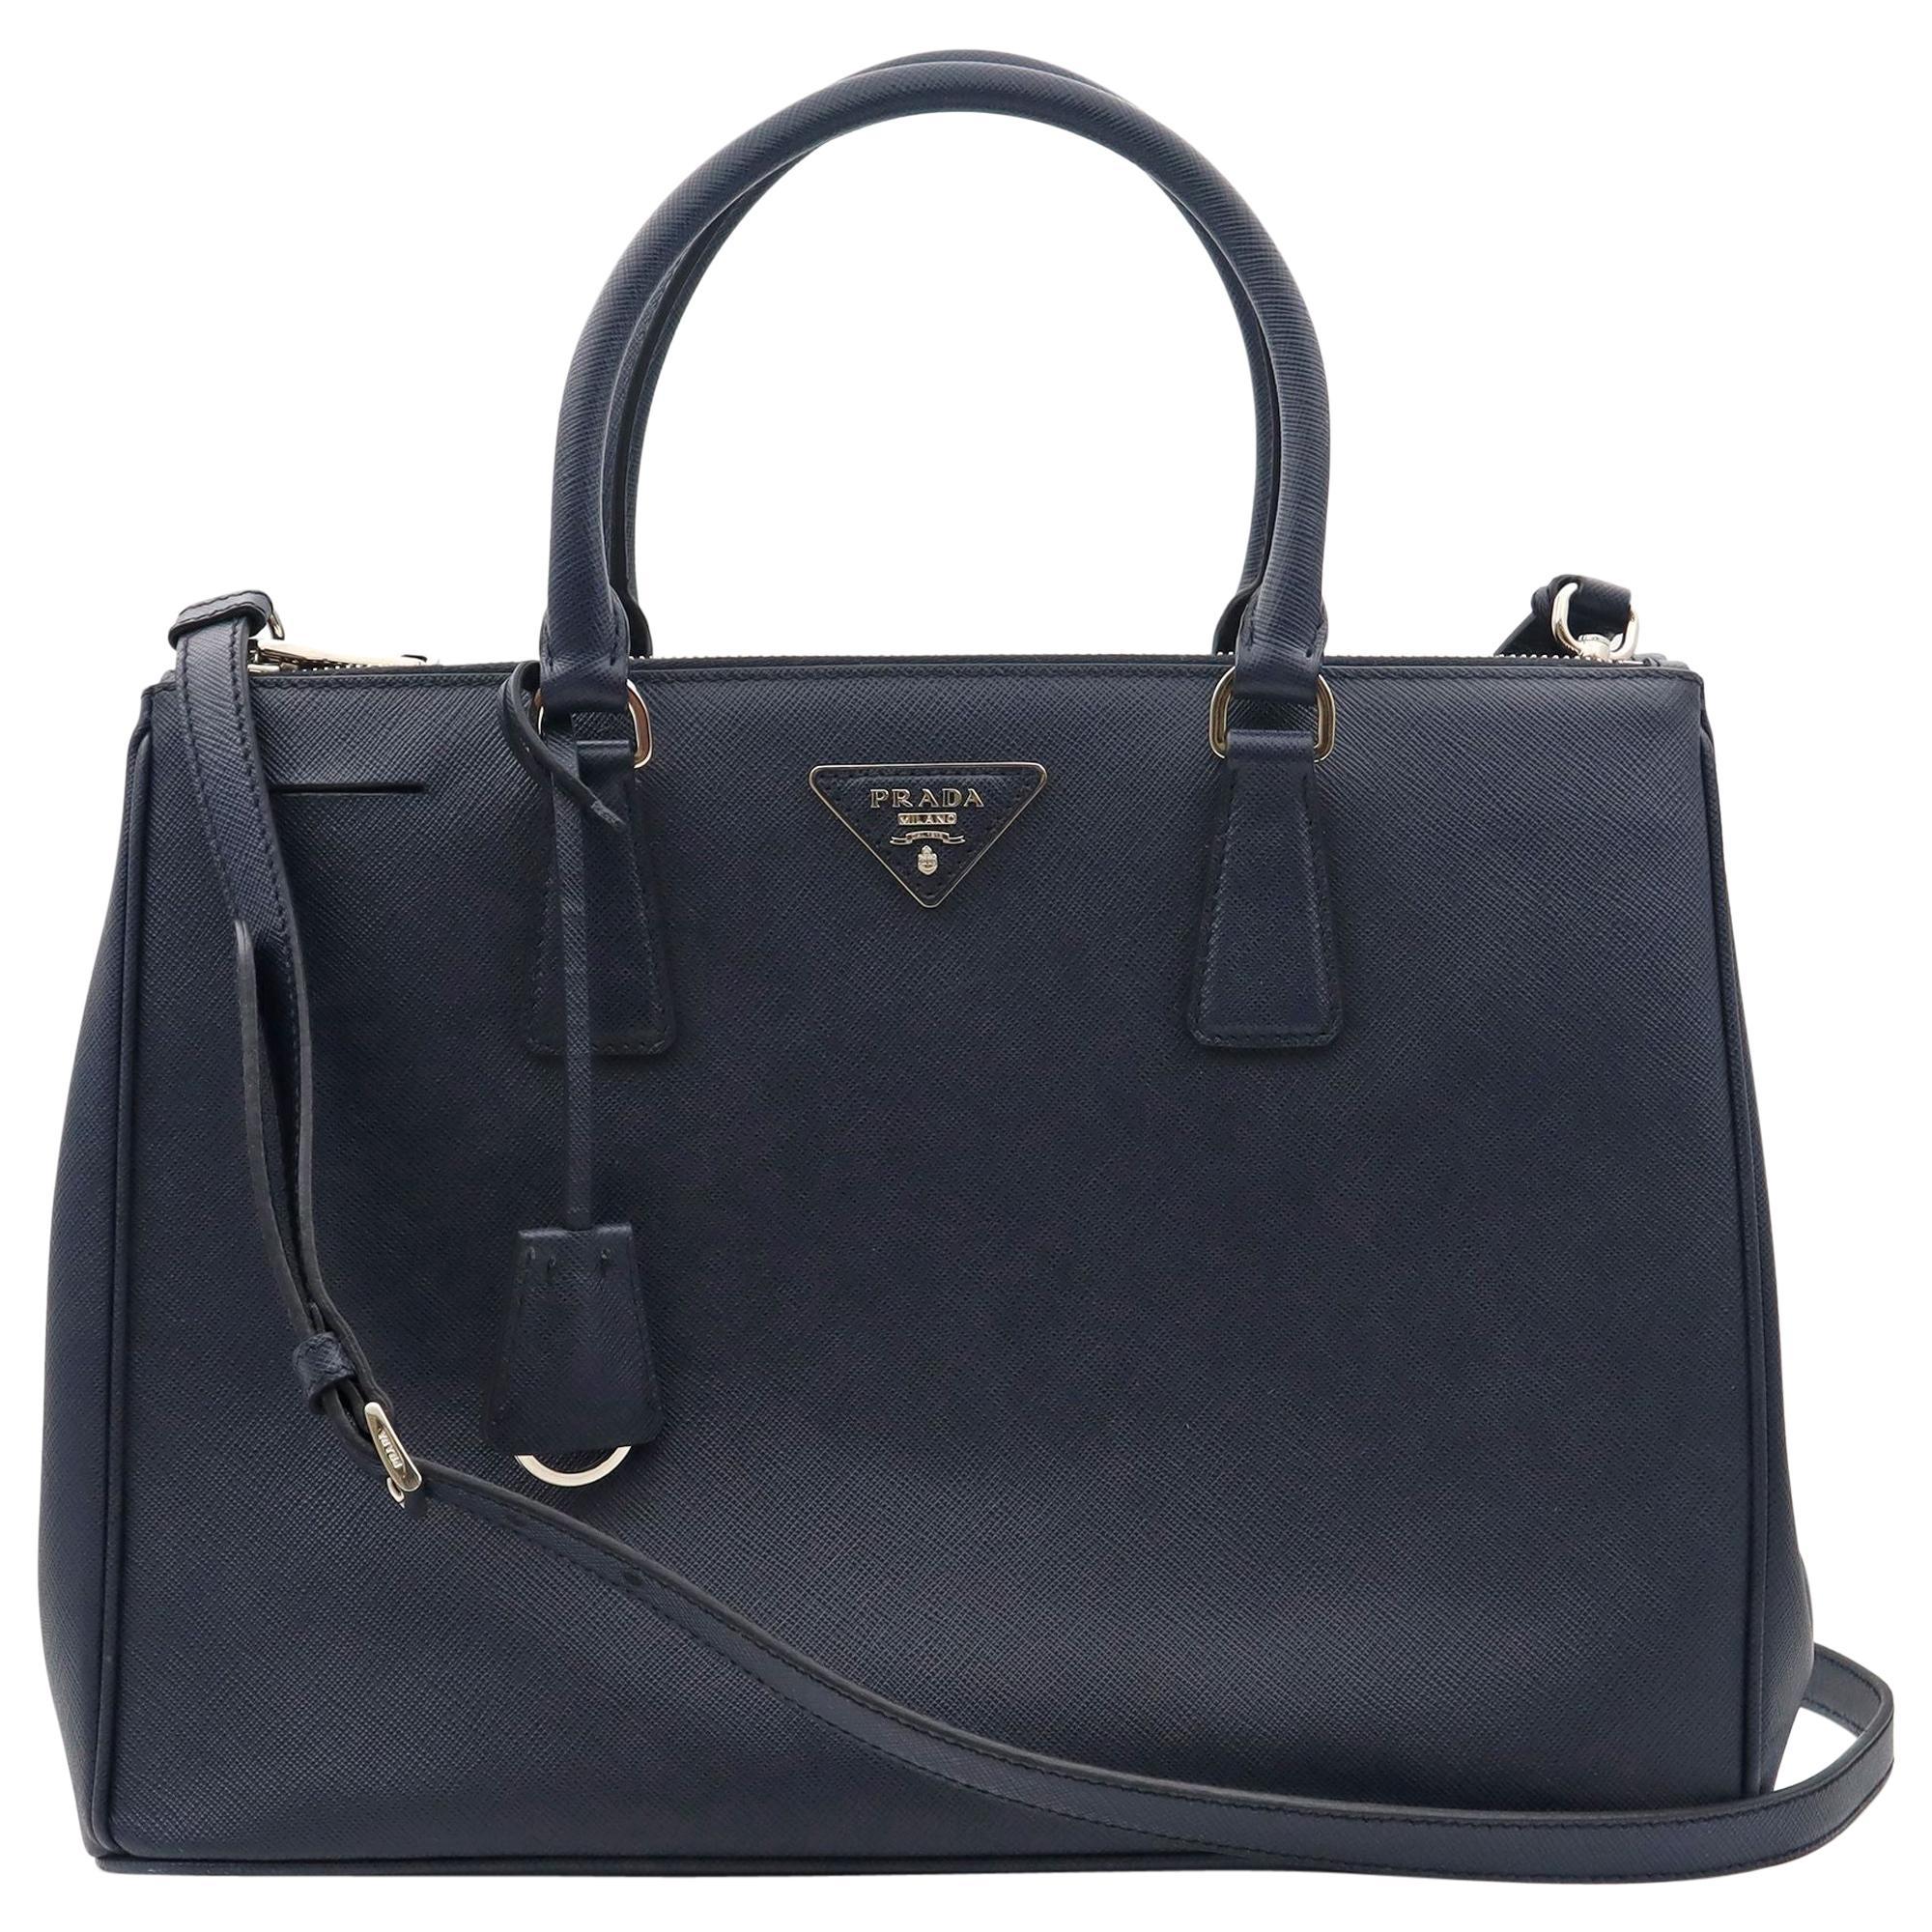 Prada Galleria Saffiano Lux Baltico Leather Silver Hardware Medium Tote Bag